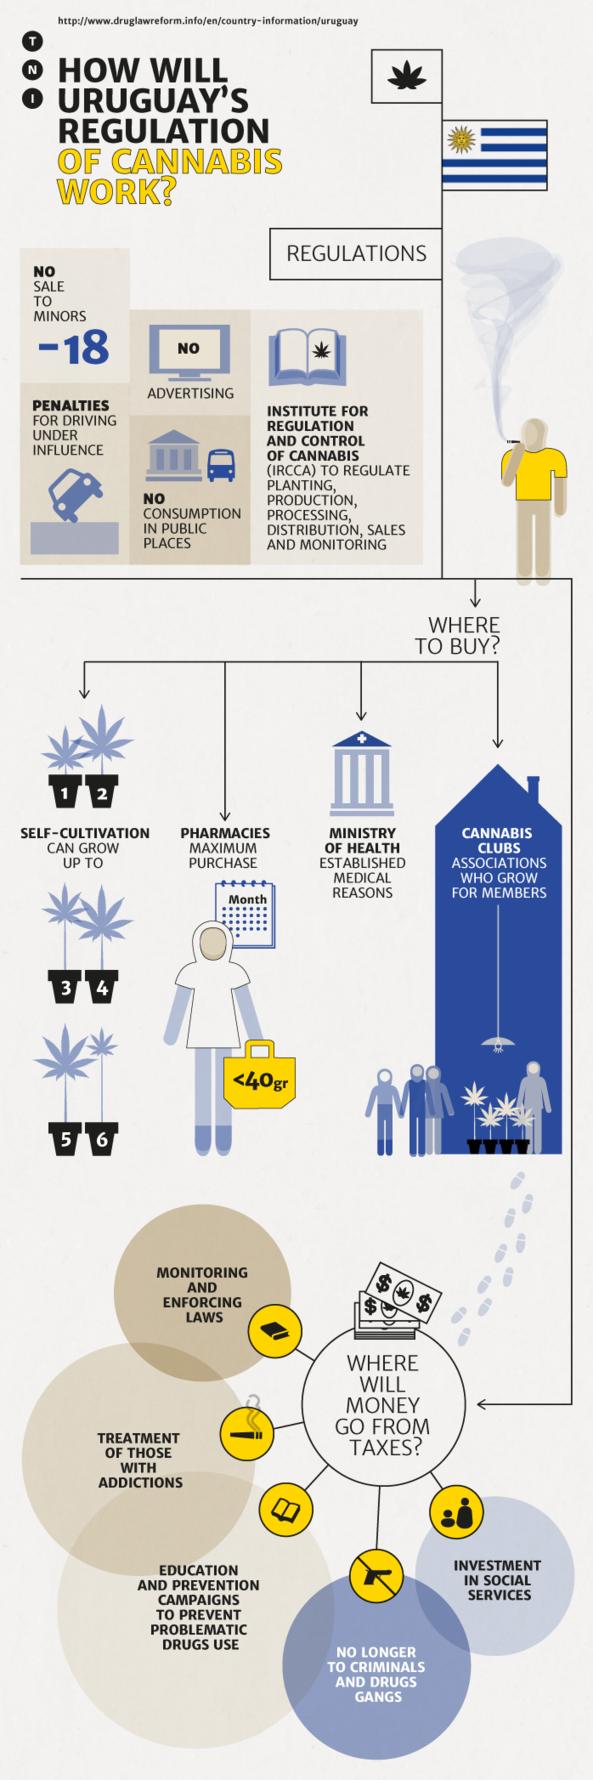 Uruguay WEB infographic2.resized